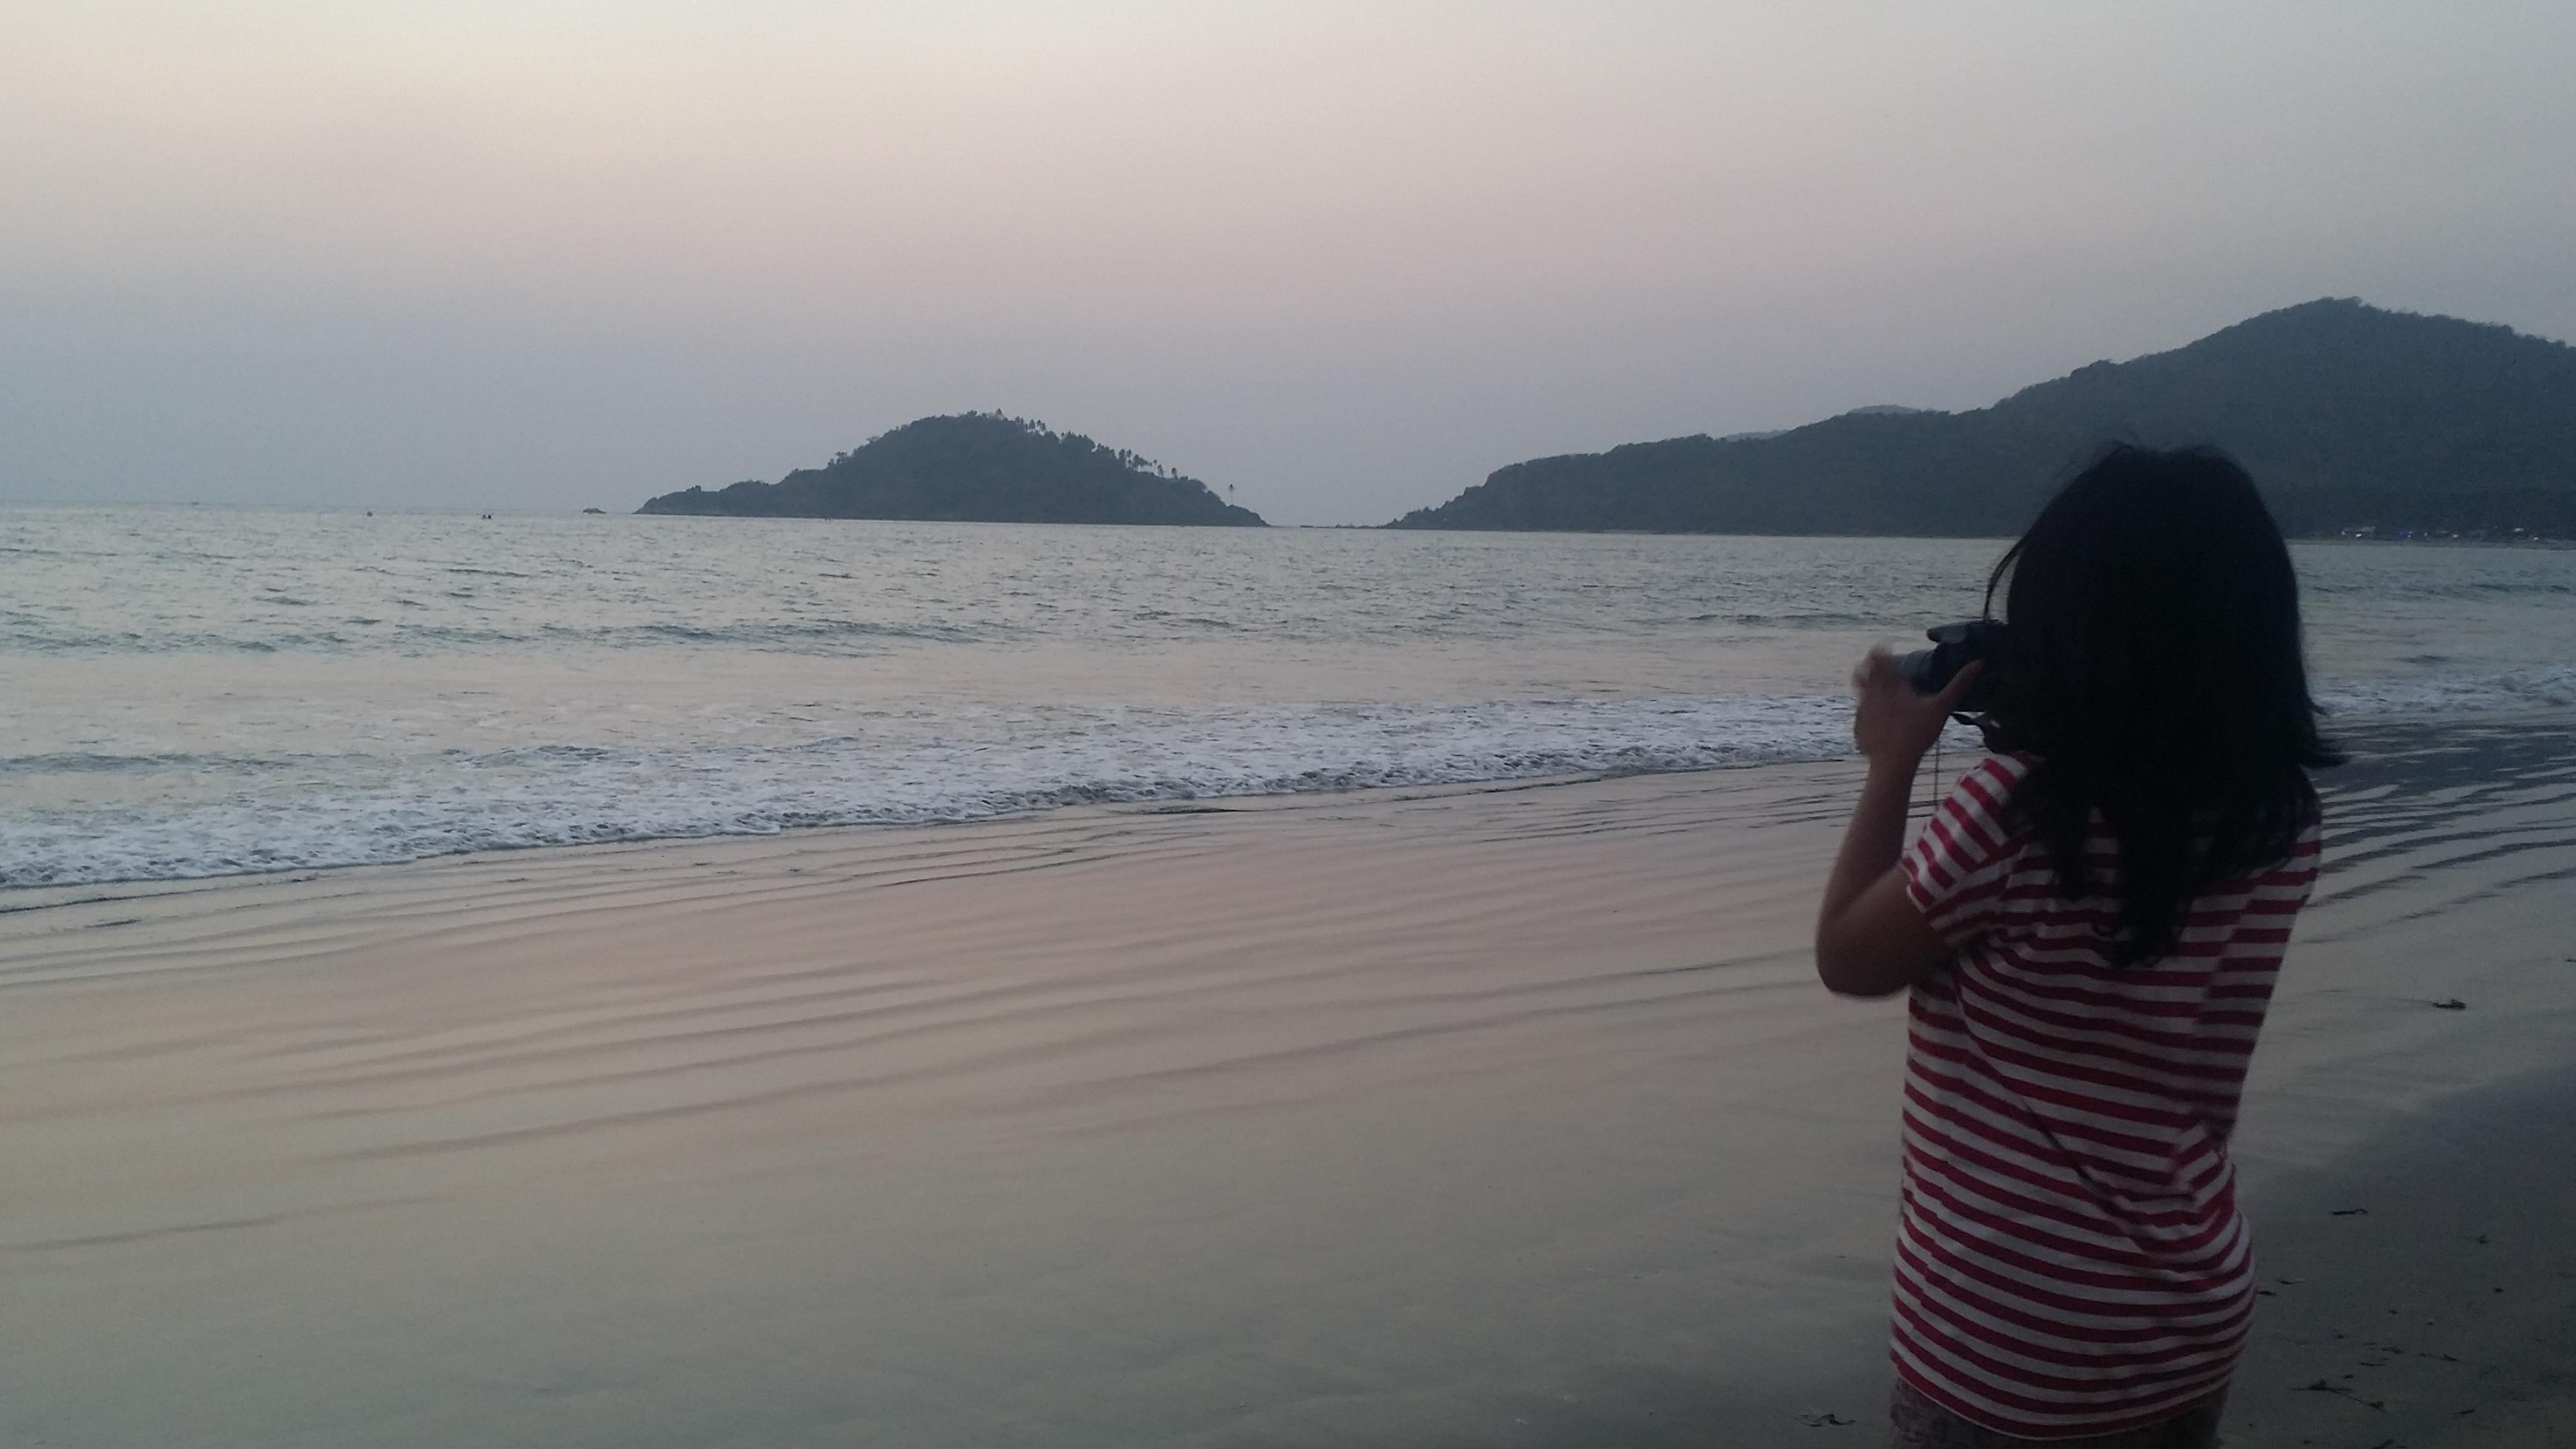 Susnet at Palolem beach Goa